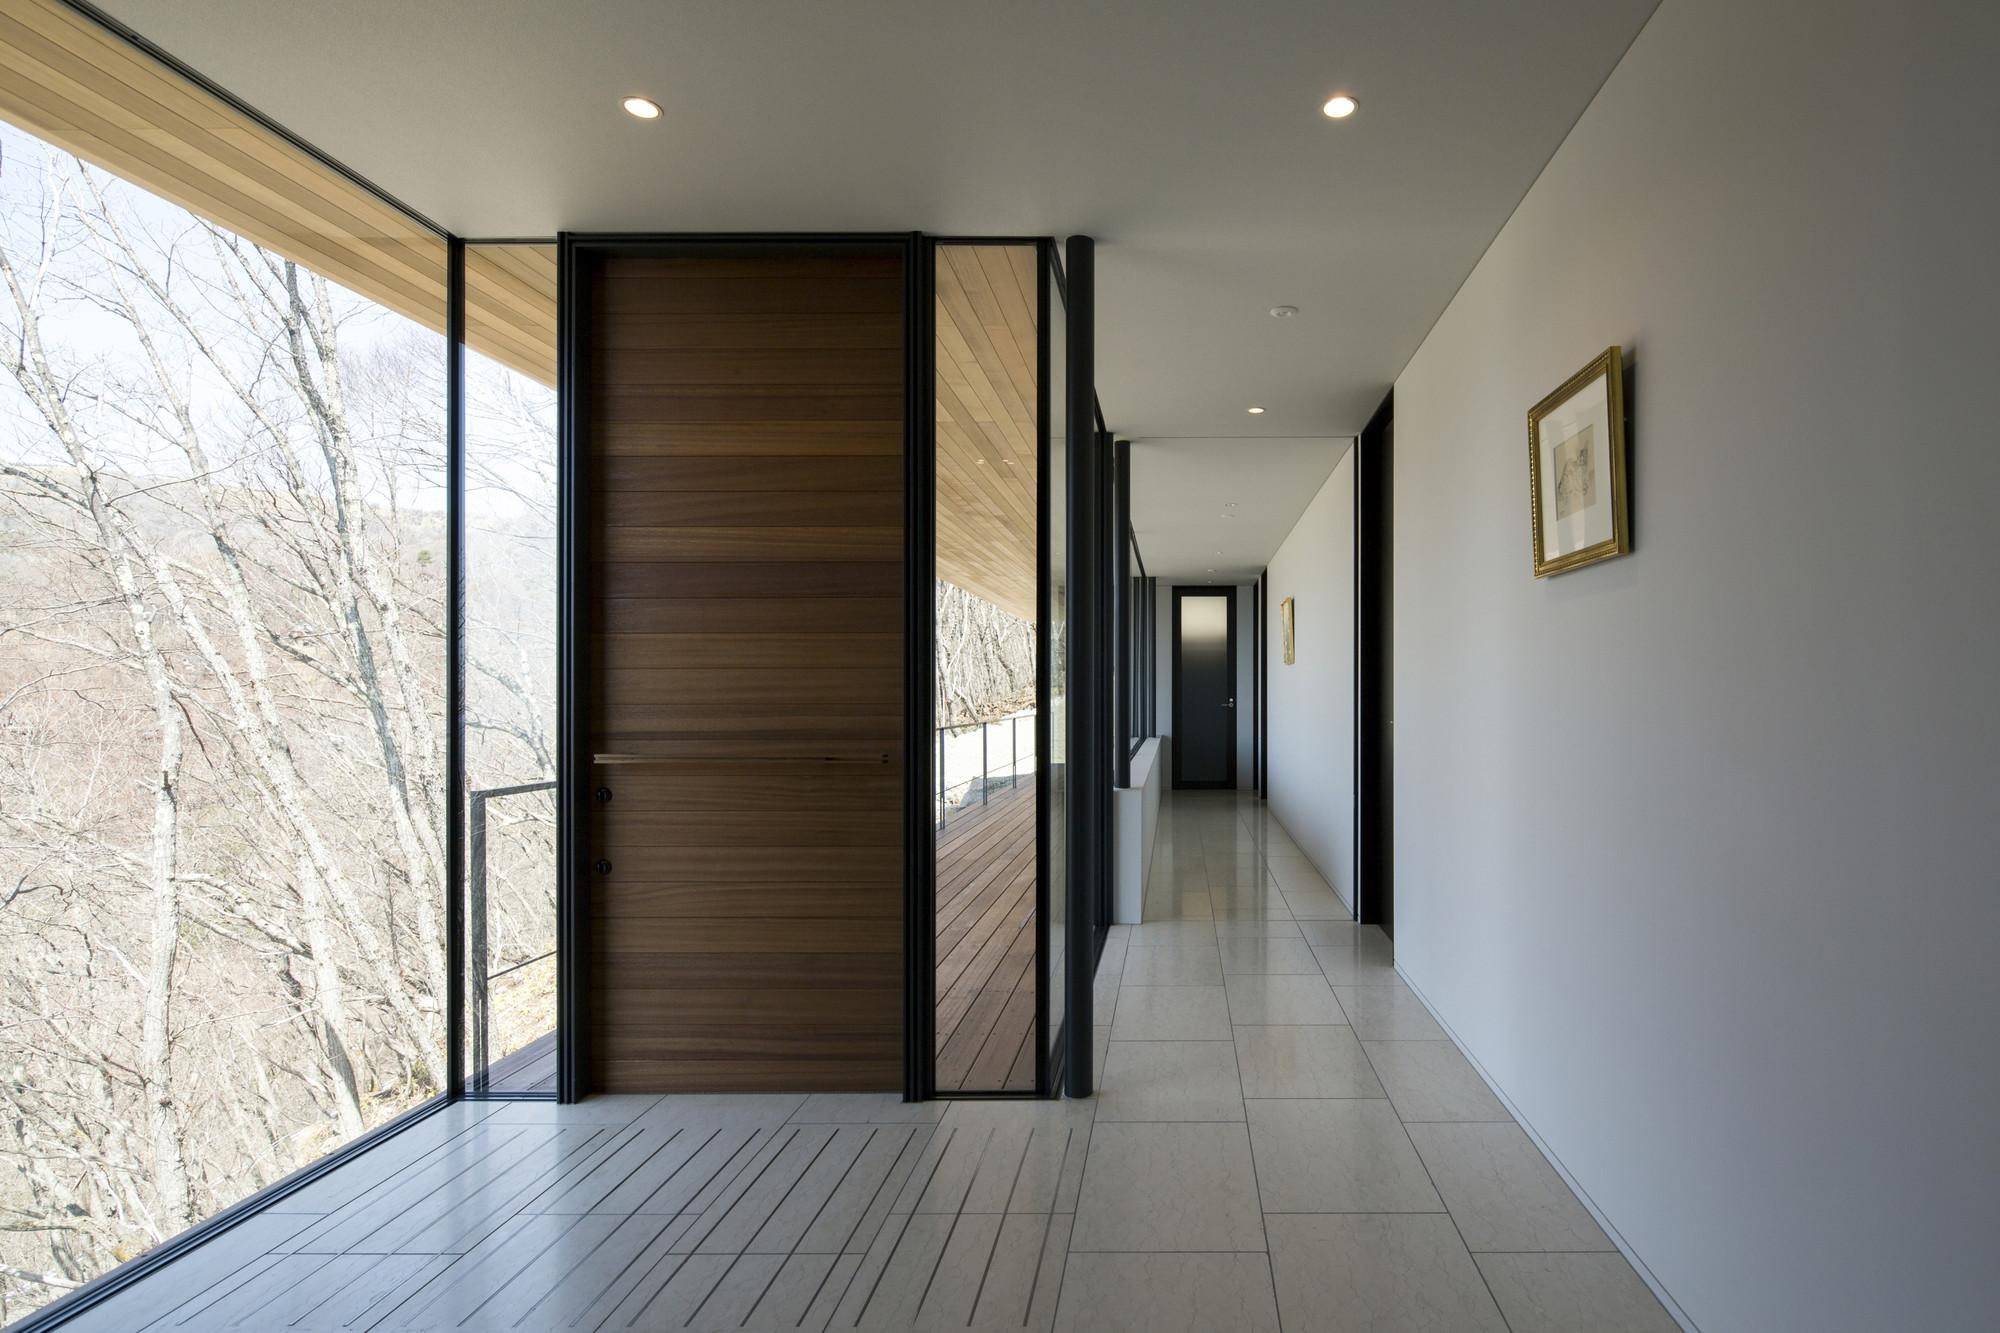 10 Desain Rumah Cantik Dengan Biaya Murah Dari Berbagai Belahan Dunia